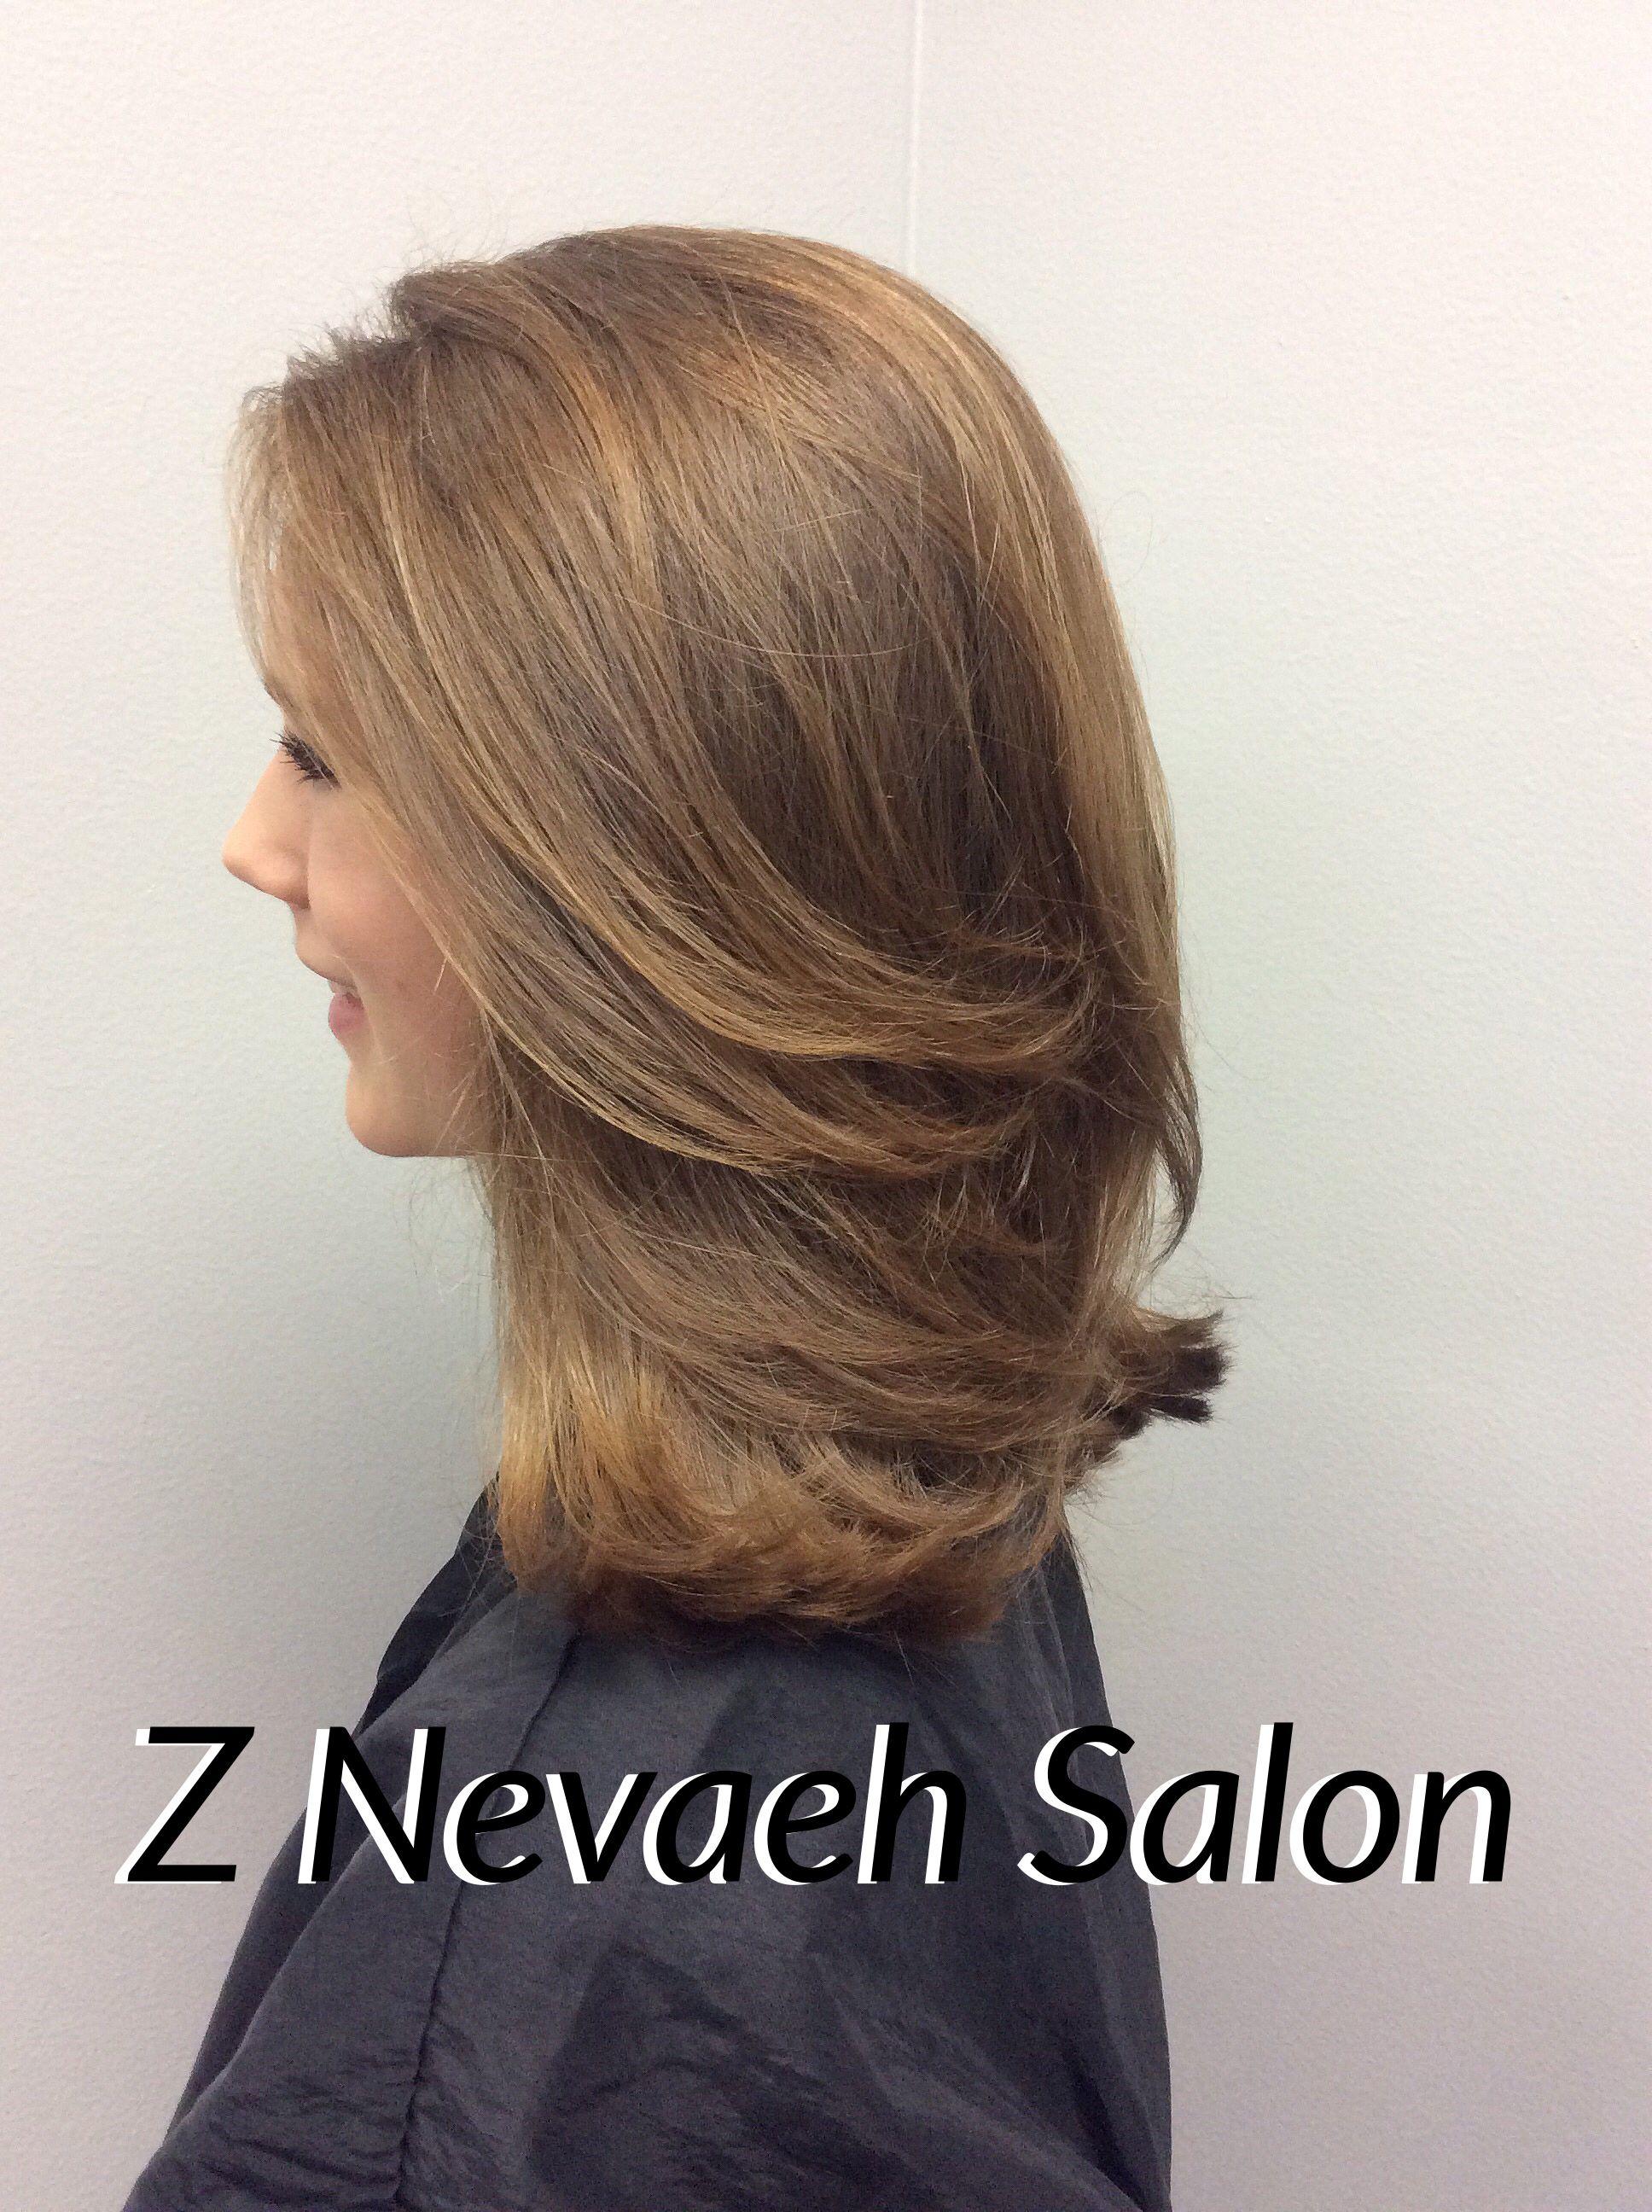 French Layered Haircut Znevaehsalon Salon Haircut Knoxvilletn